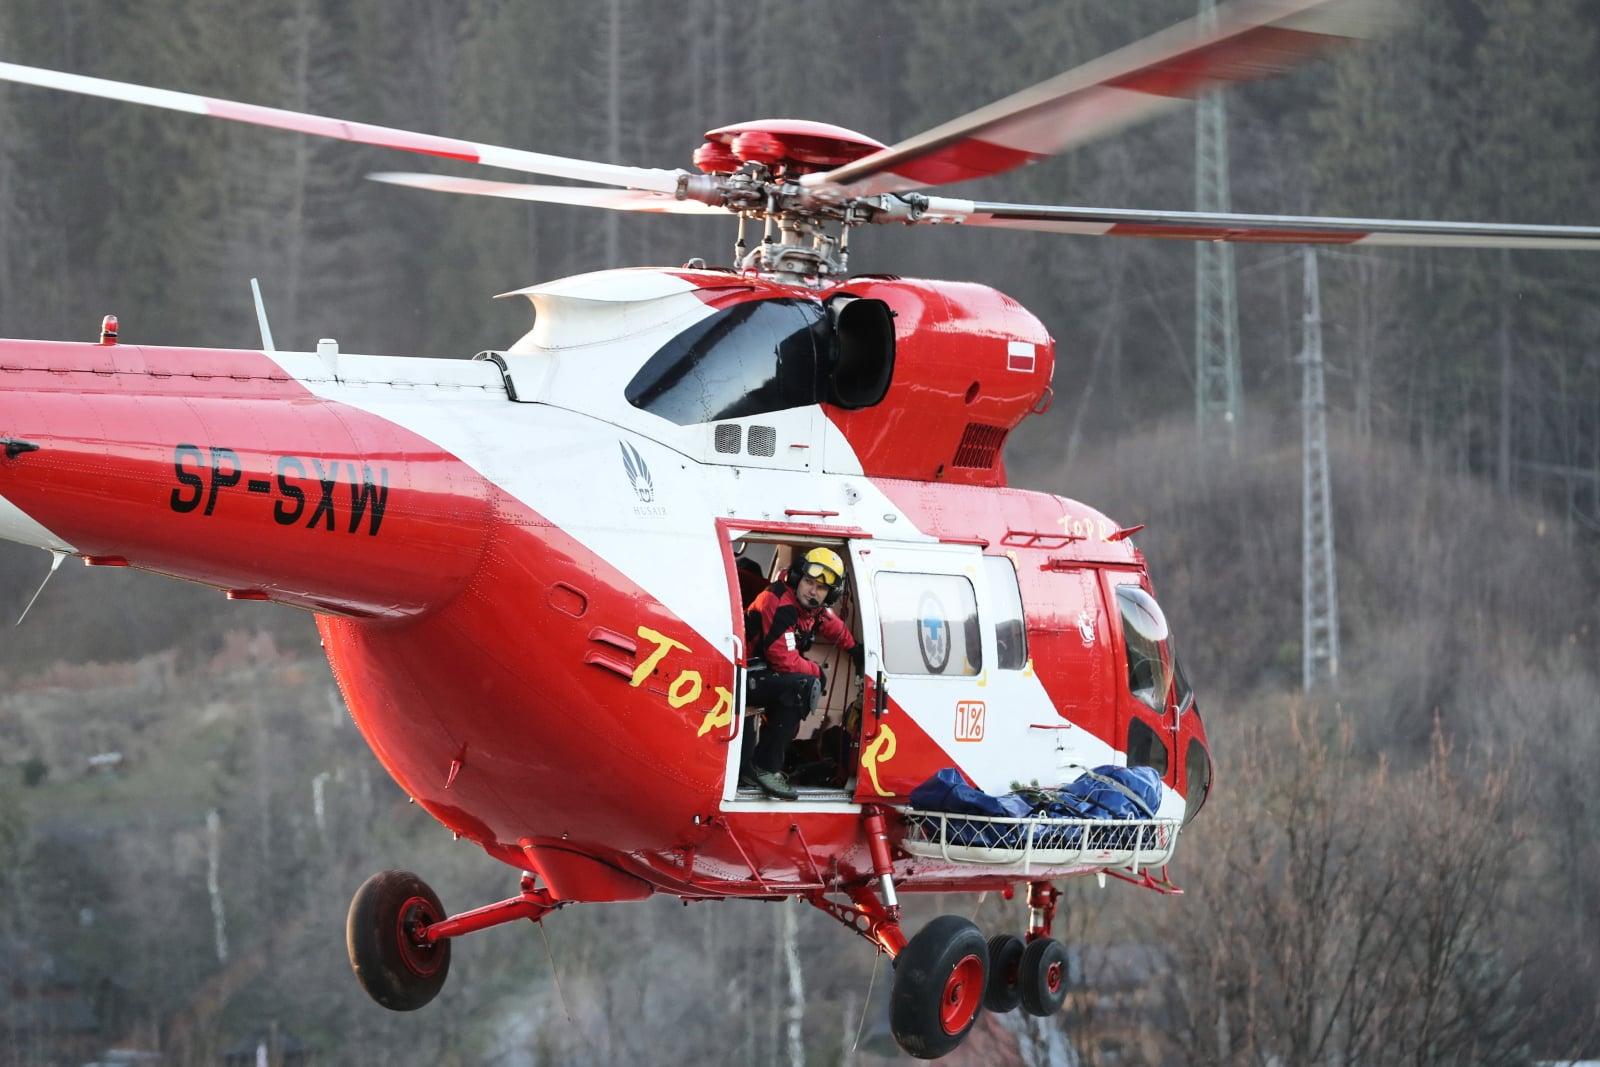 Ratownicy TOPR transportują ciało mężczyzny, odnalezione w rejonie Buli pod Rysami. Prawdopodobnie jest to turysta, poszukiwany od niedzieli. Fot. PAP/Grzegorz Momot